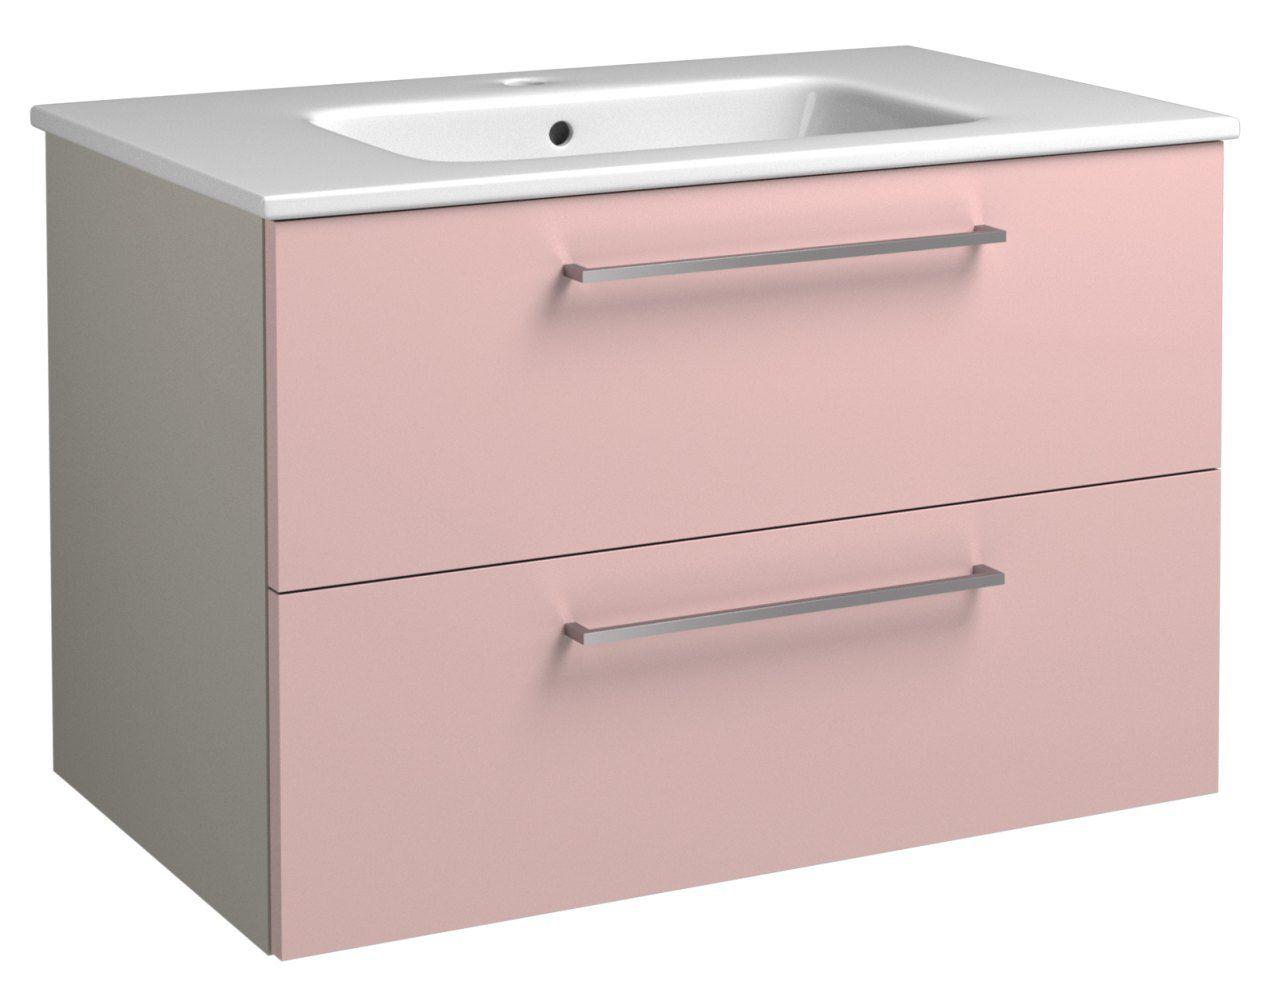 Waschtischunterschrank Noida 15, Farbe: Beige / Rosa – 50 x 76 x 46 cm (H x B x T)